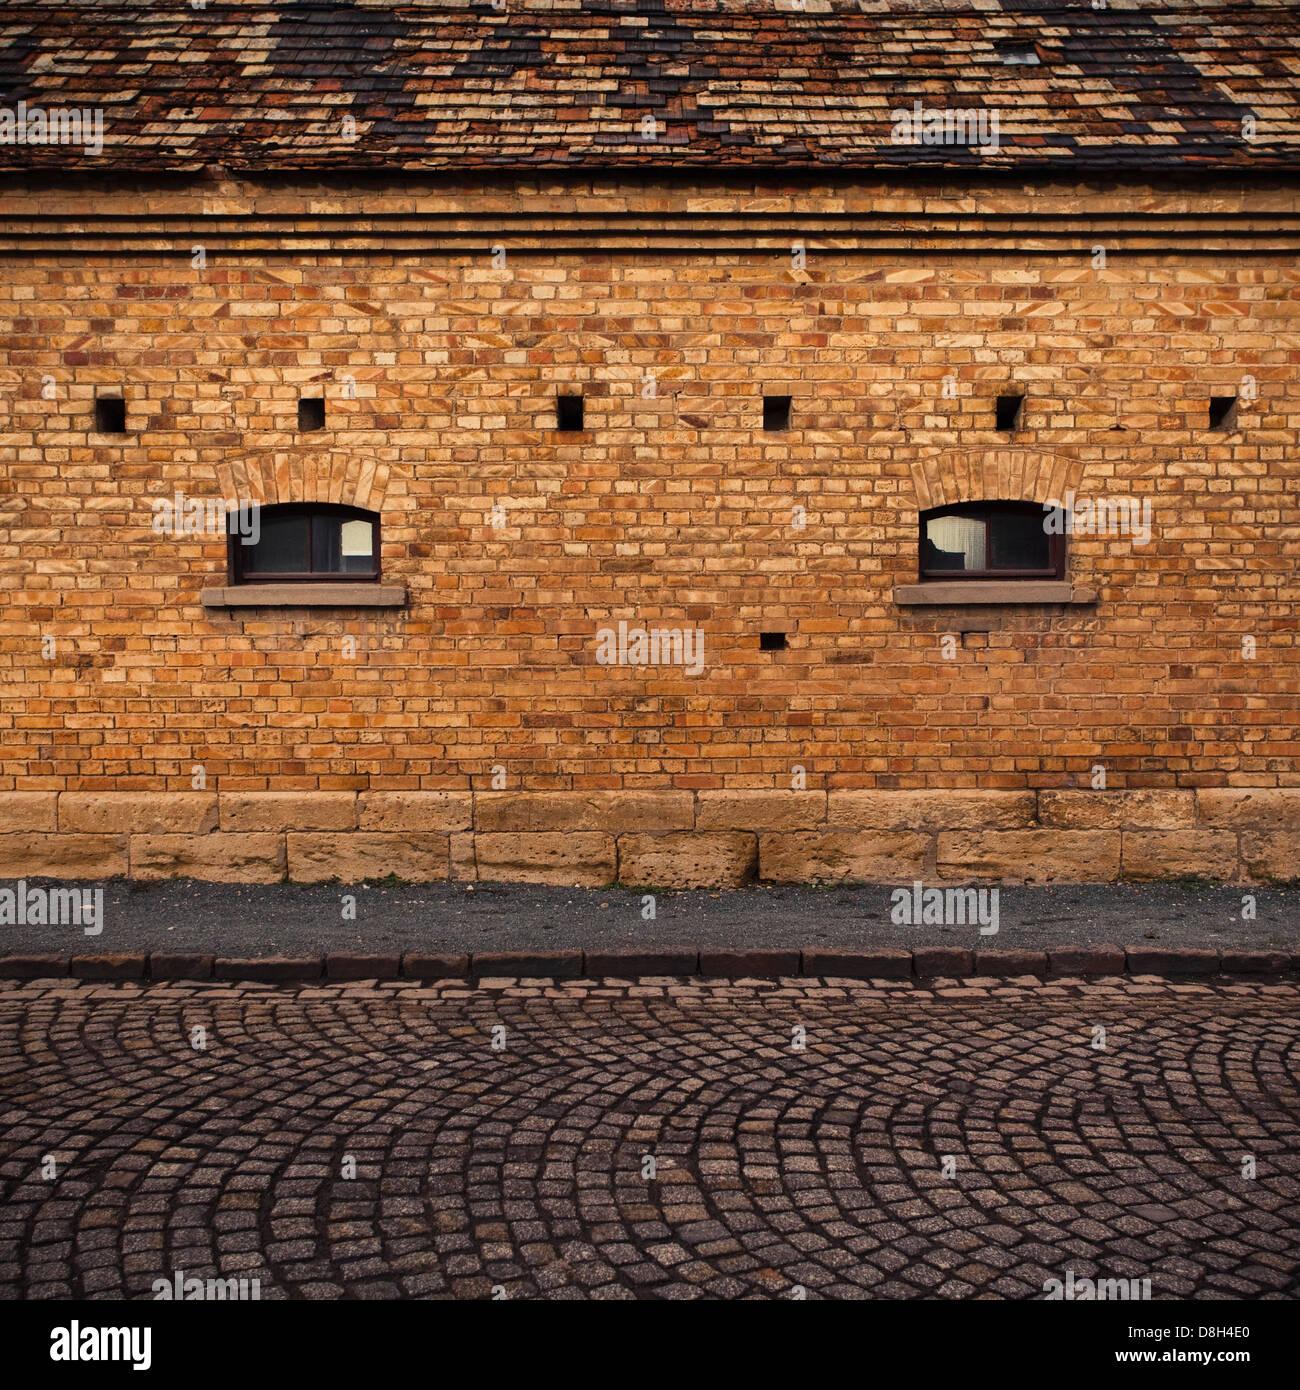 Dettaglio di un muro di mattoni con windows Immagini Stock